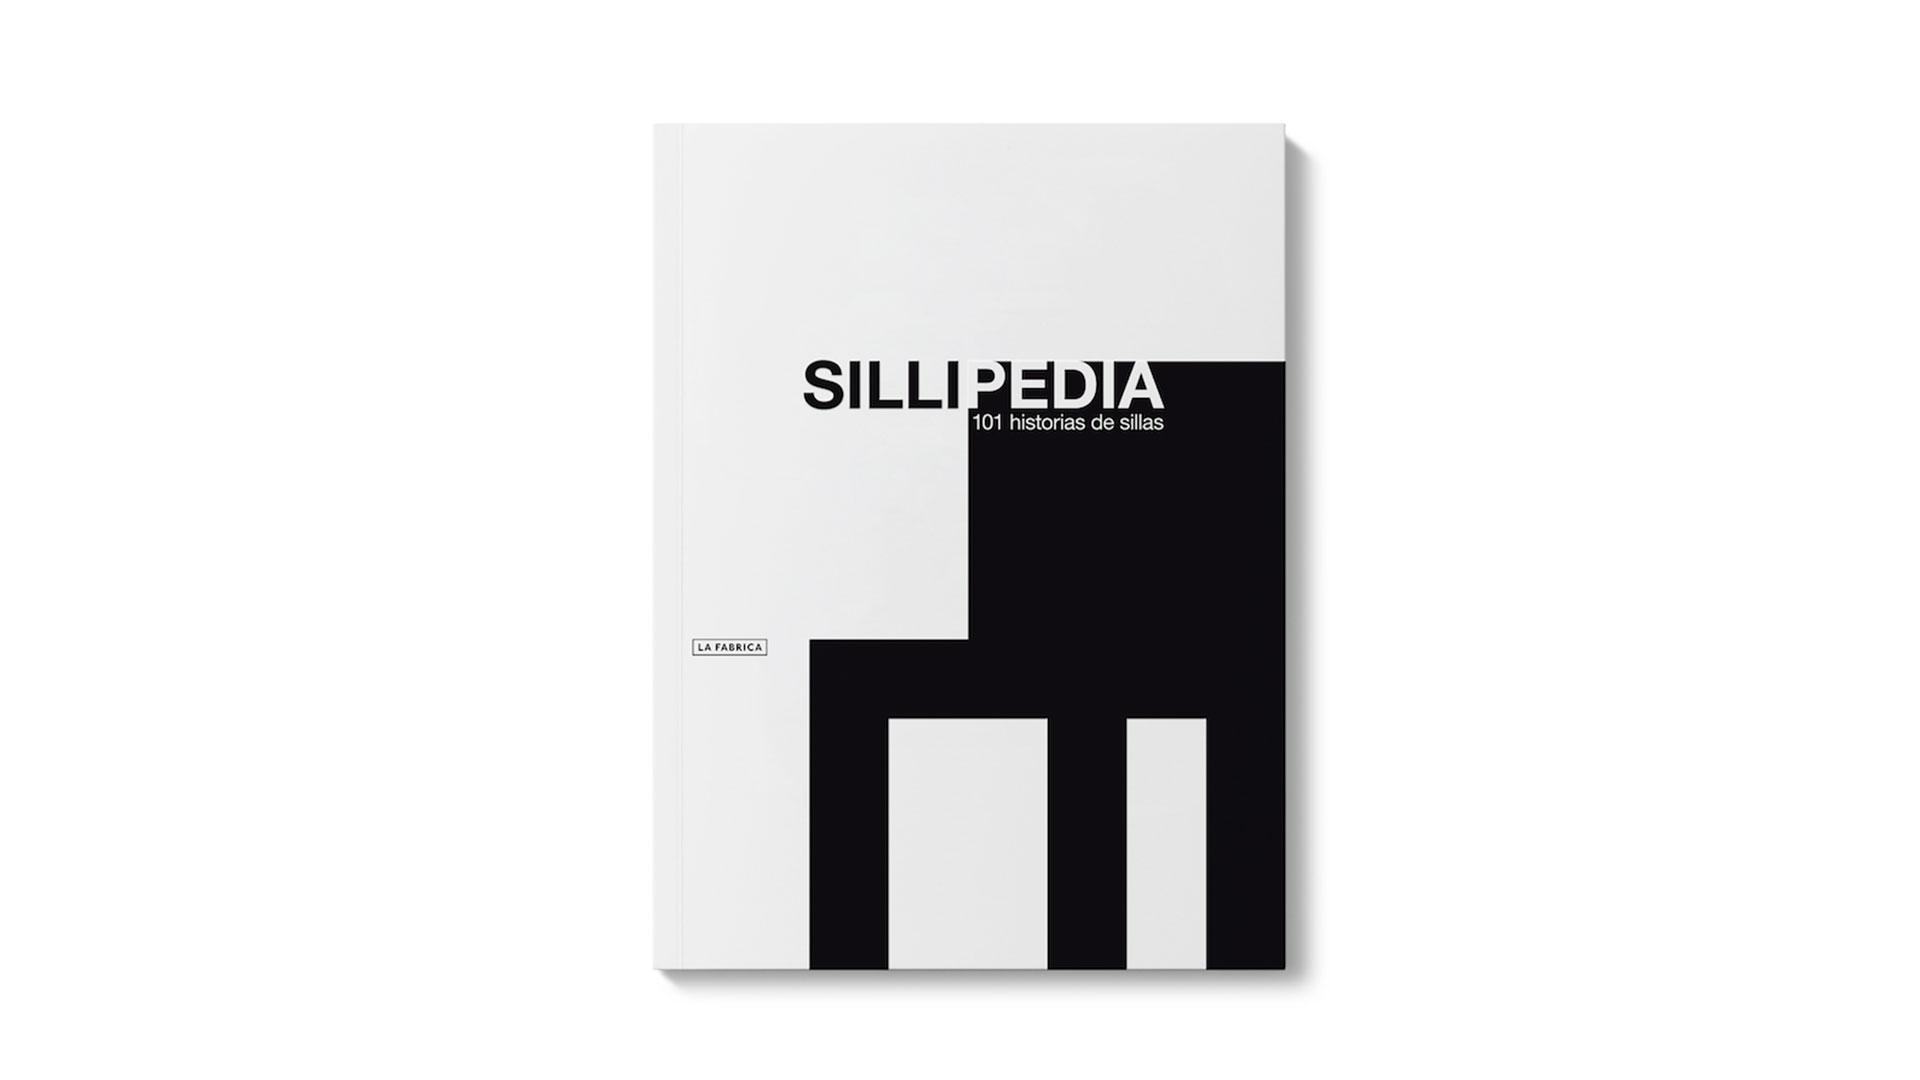 Imagen del libro Sillipedia